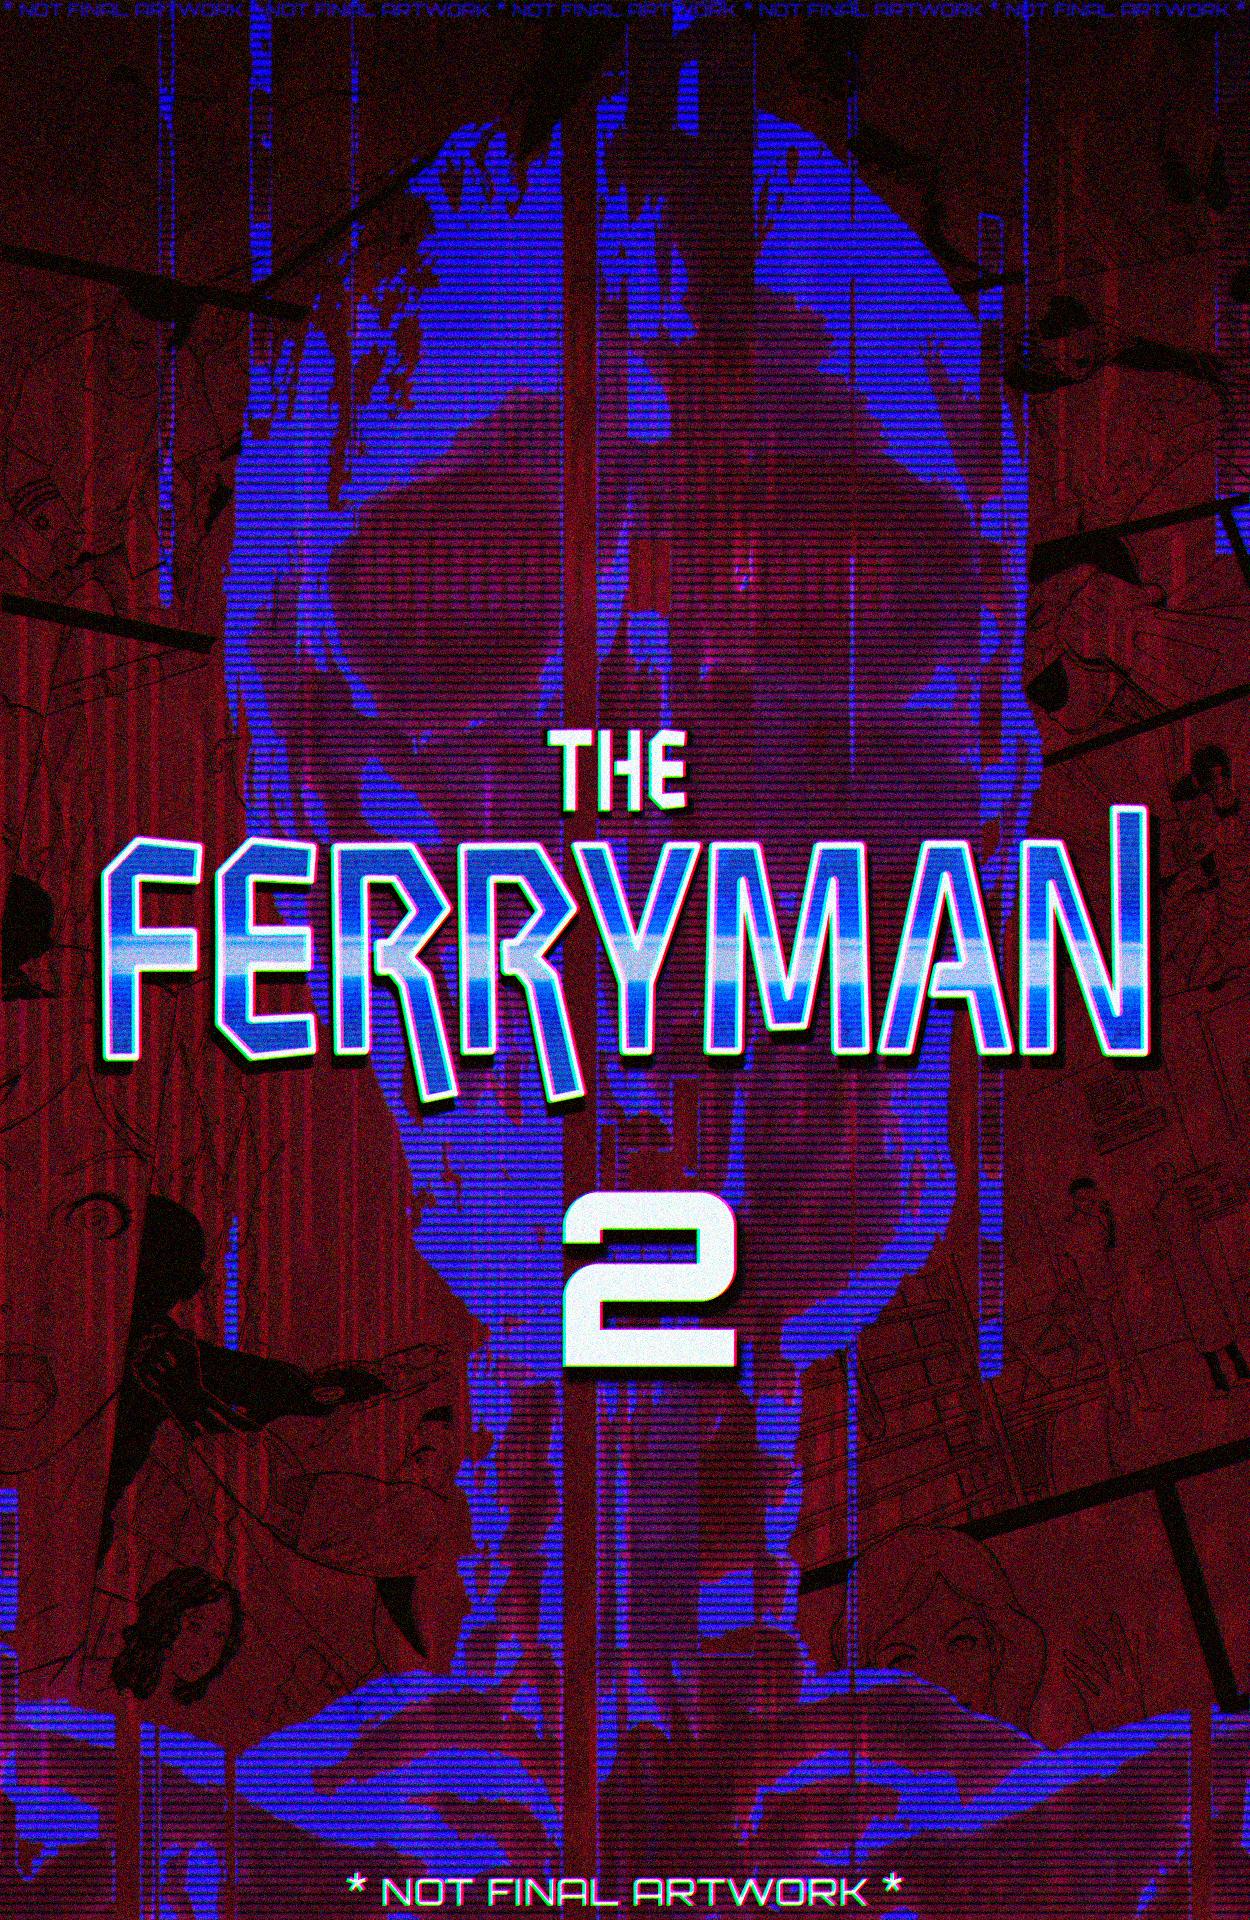 The Ferryman #2